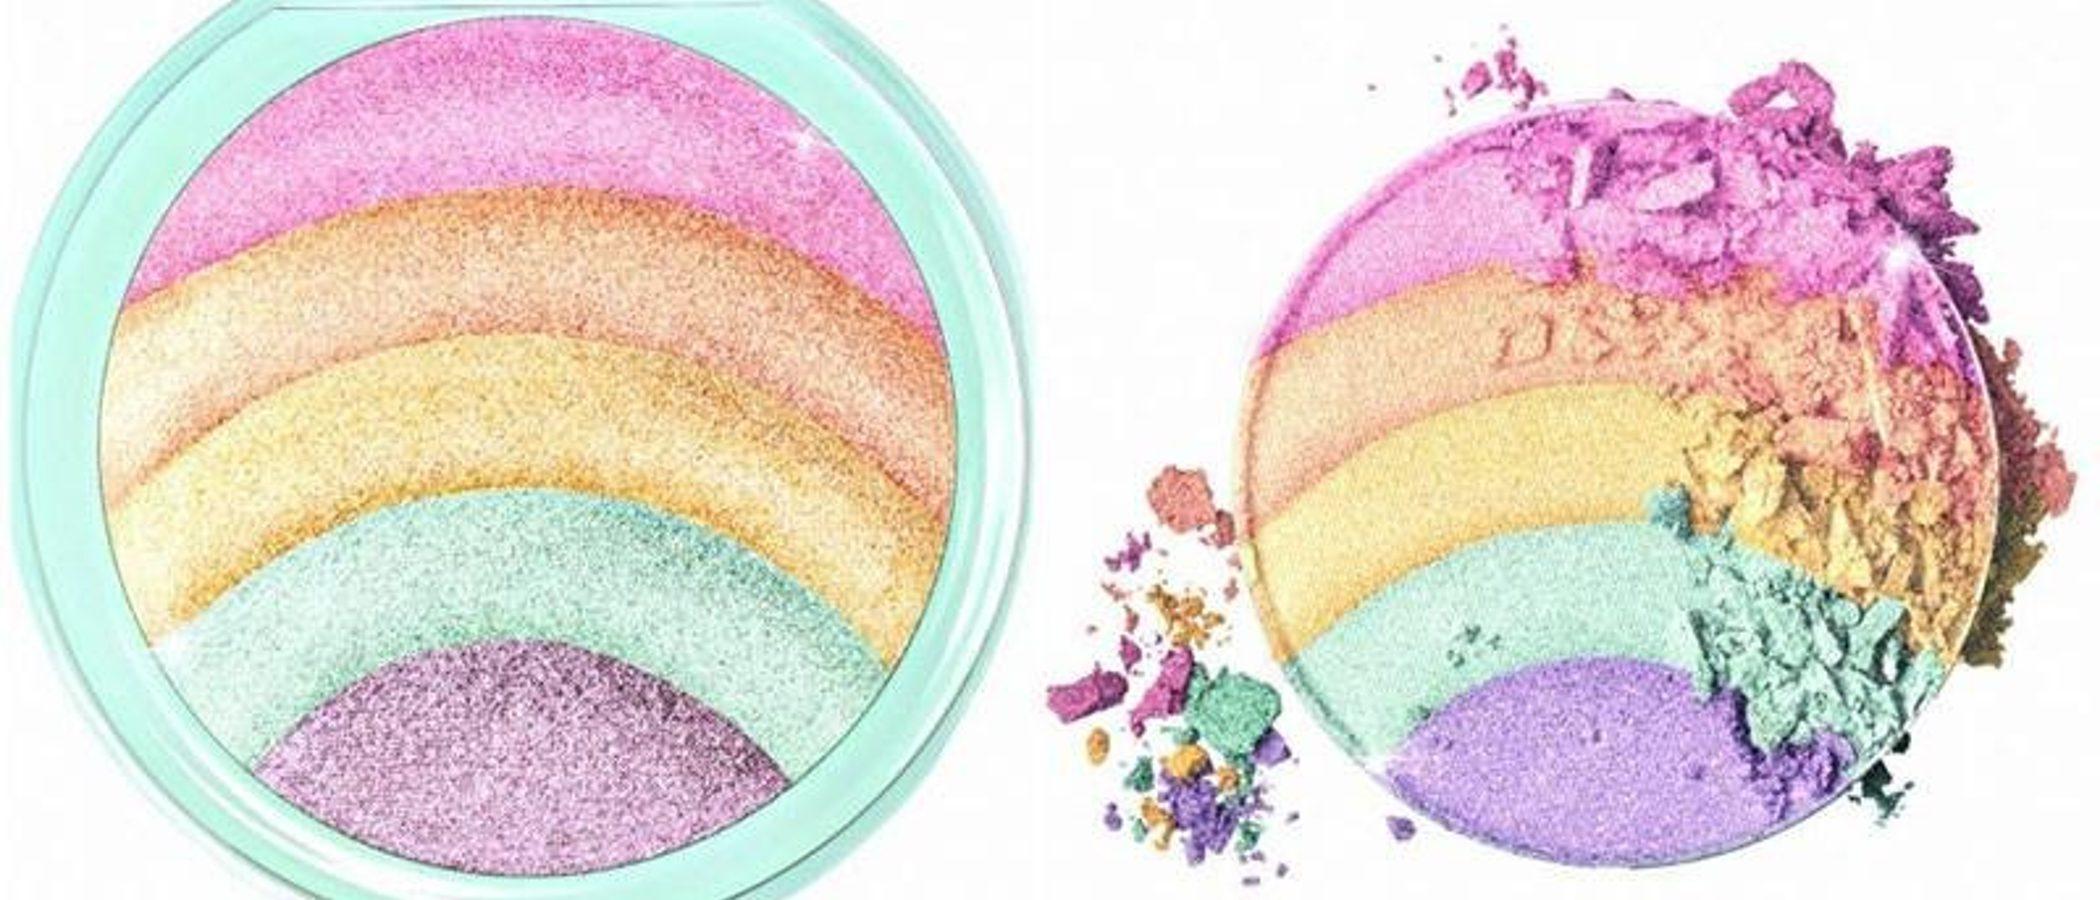 Too Faced se llena de color con su nueva colección 'Life is a Festival' inspirada en unicornios